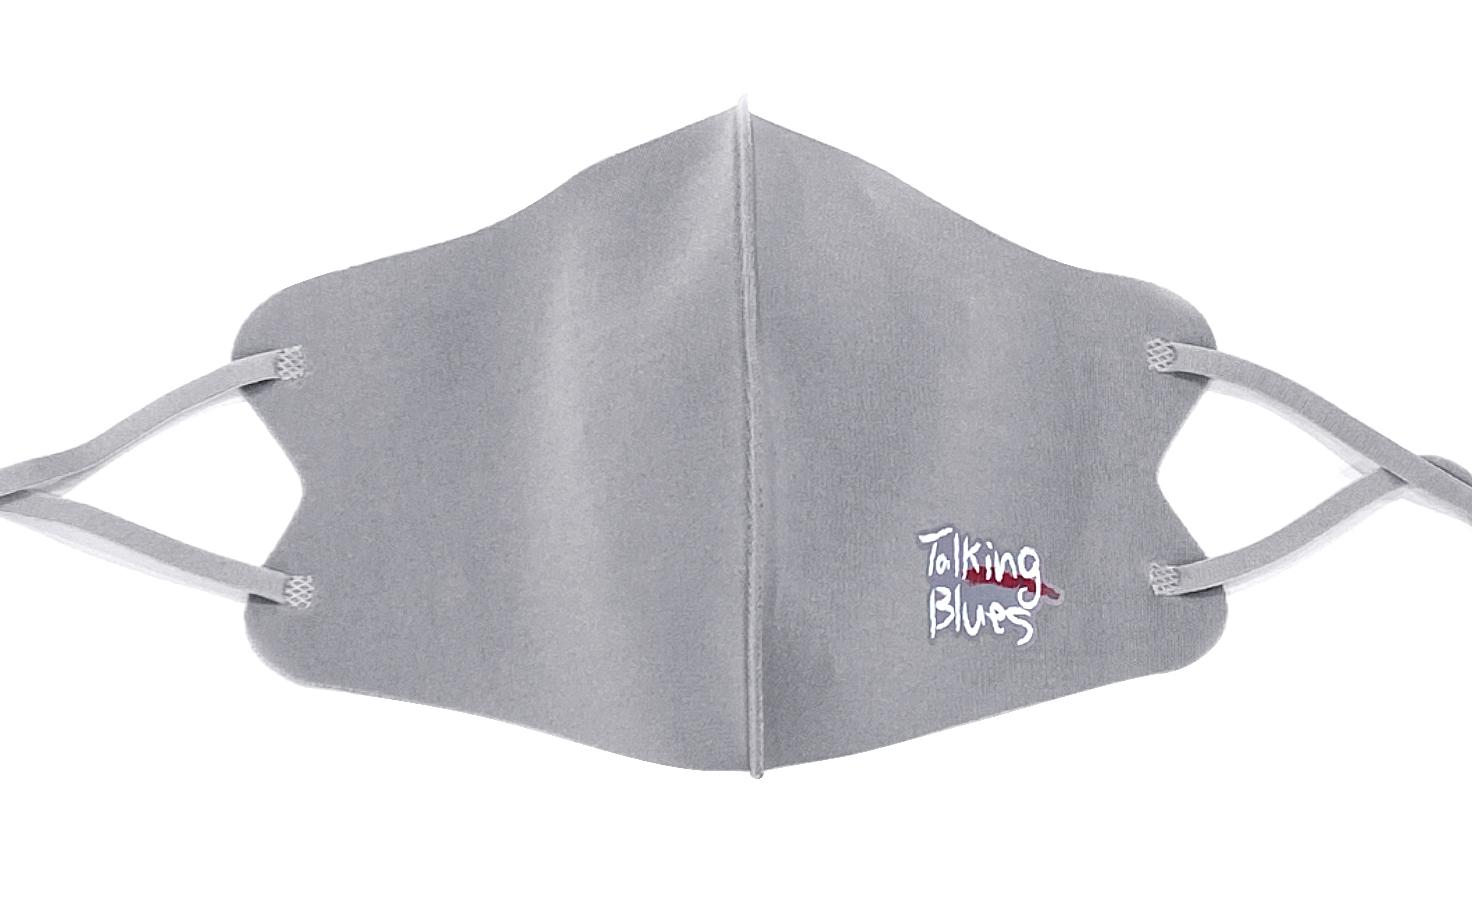 トーキングブルースツアー2021マスク(Gray)